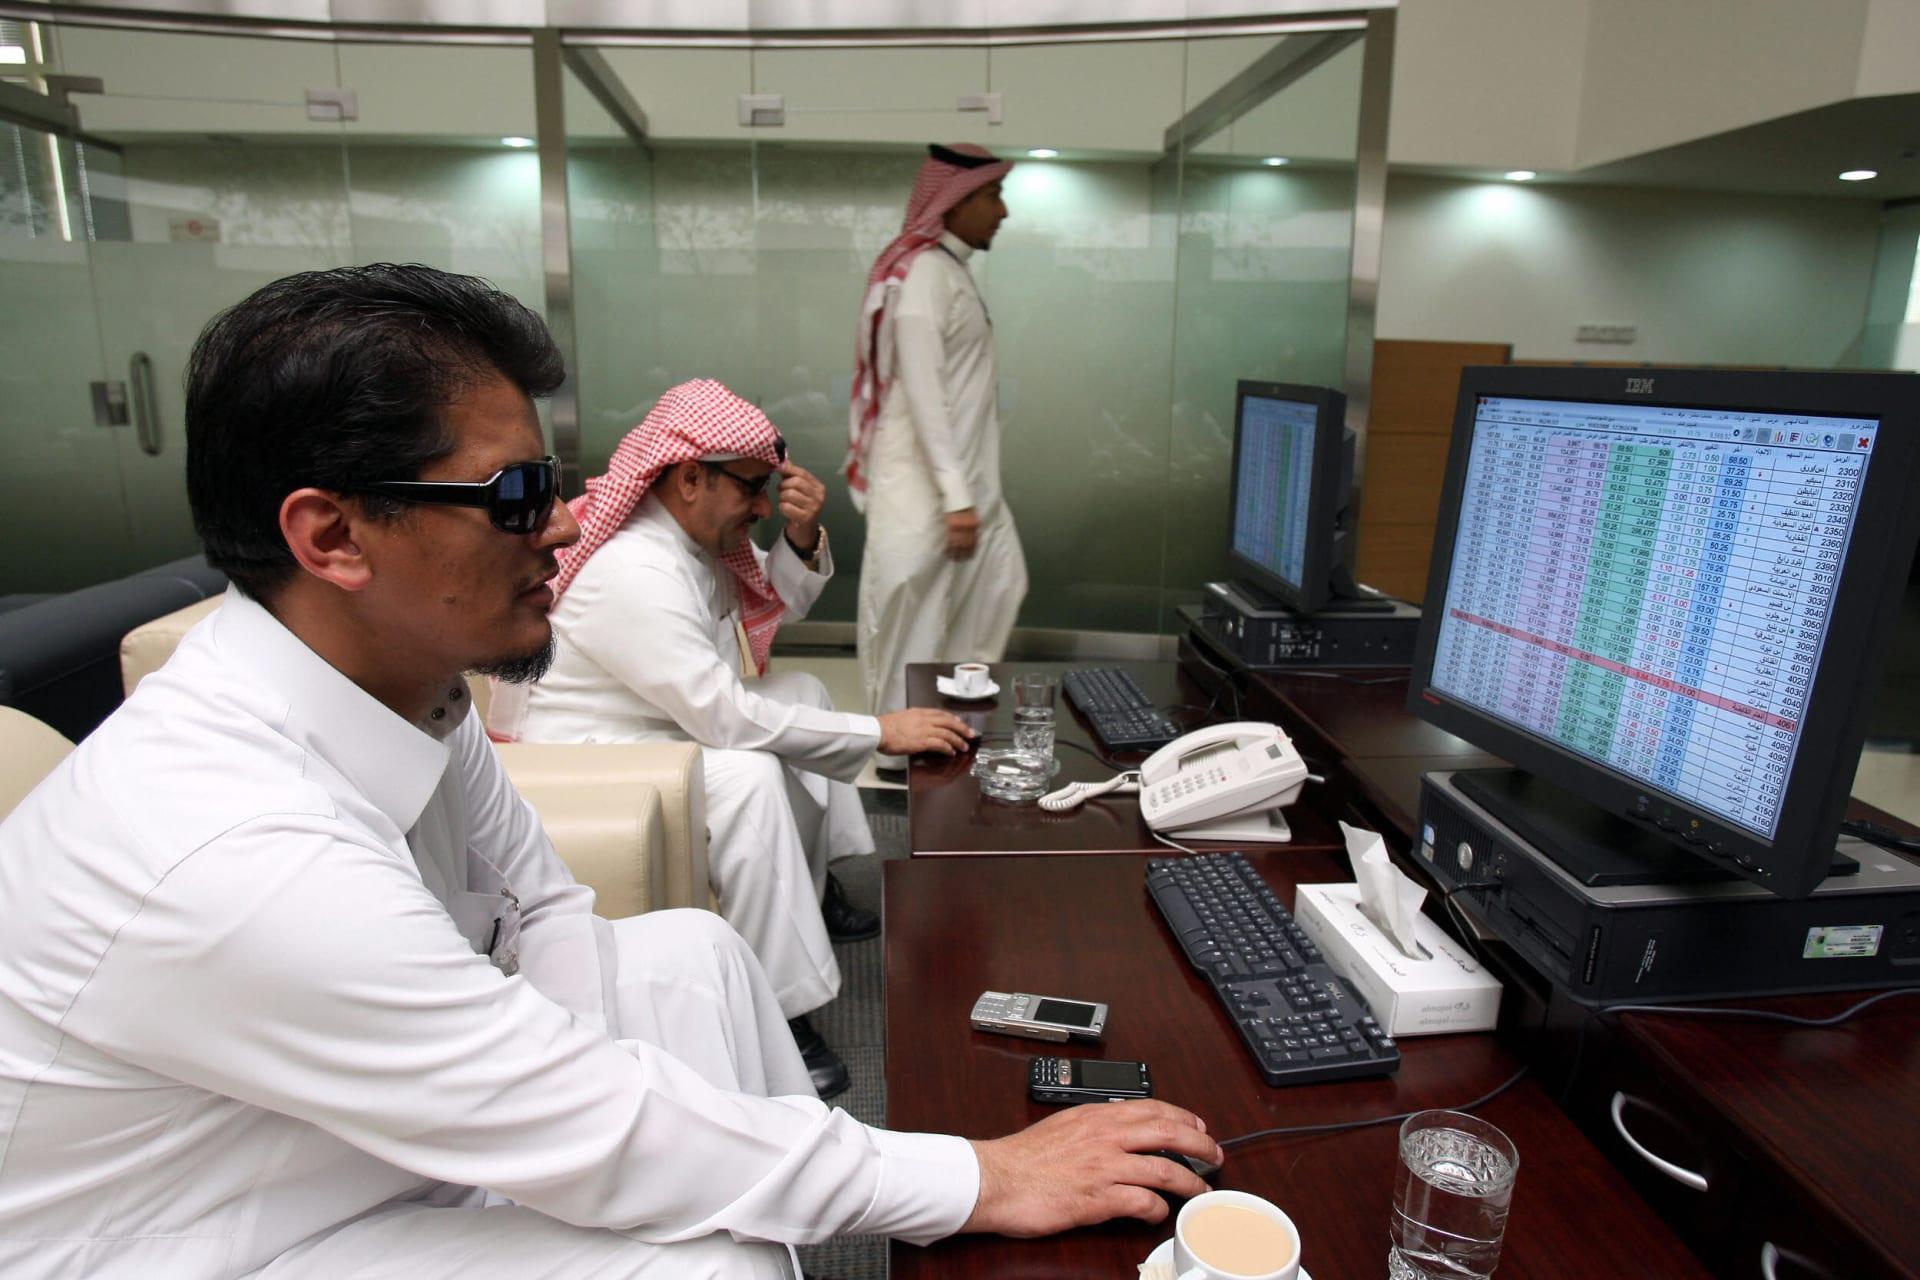 الأسهم السعودية تنضم لمؤشرات الأسواق الناشئة.. وخبيران يشرحان لـ CNN